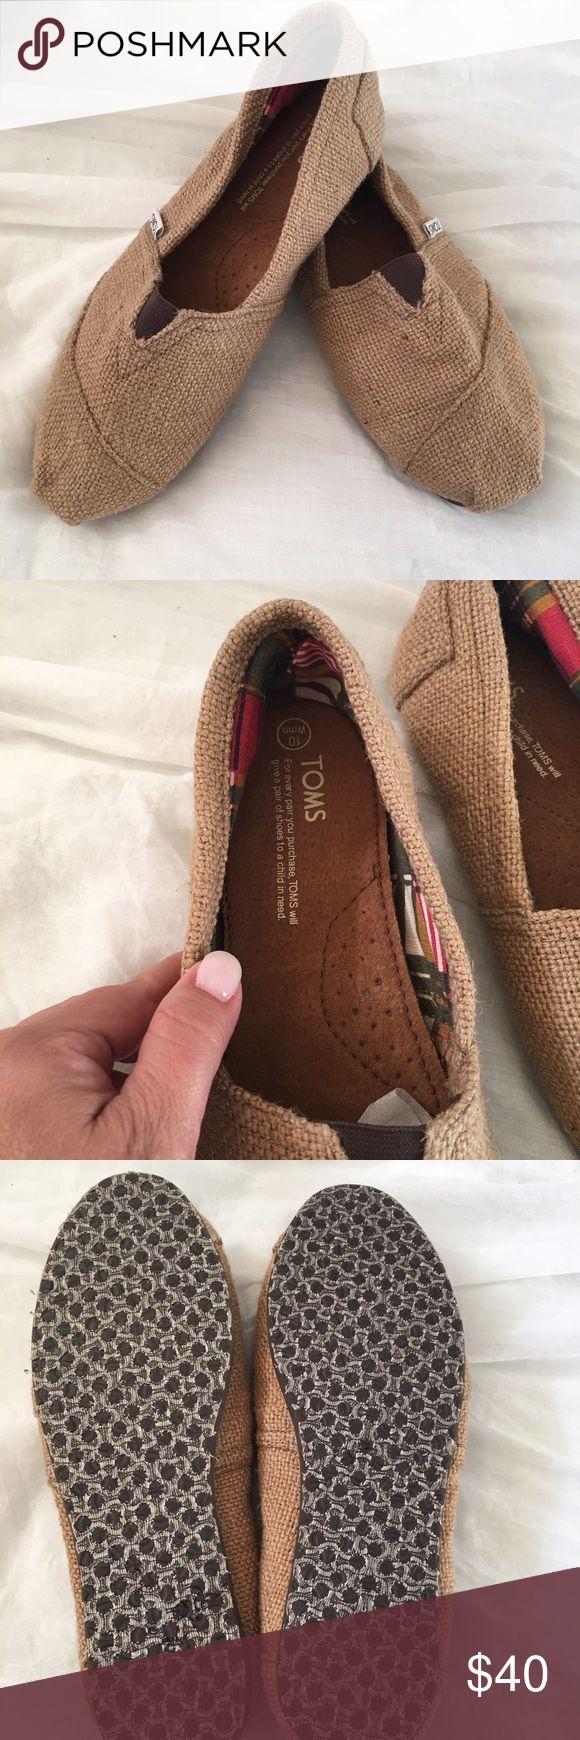 Burlap TOMS  for women size 10 Natural Burlap TOMS for women size 10. NWOT TOMS Shoes